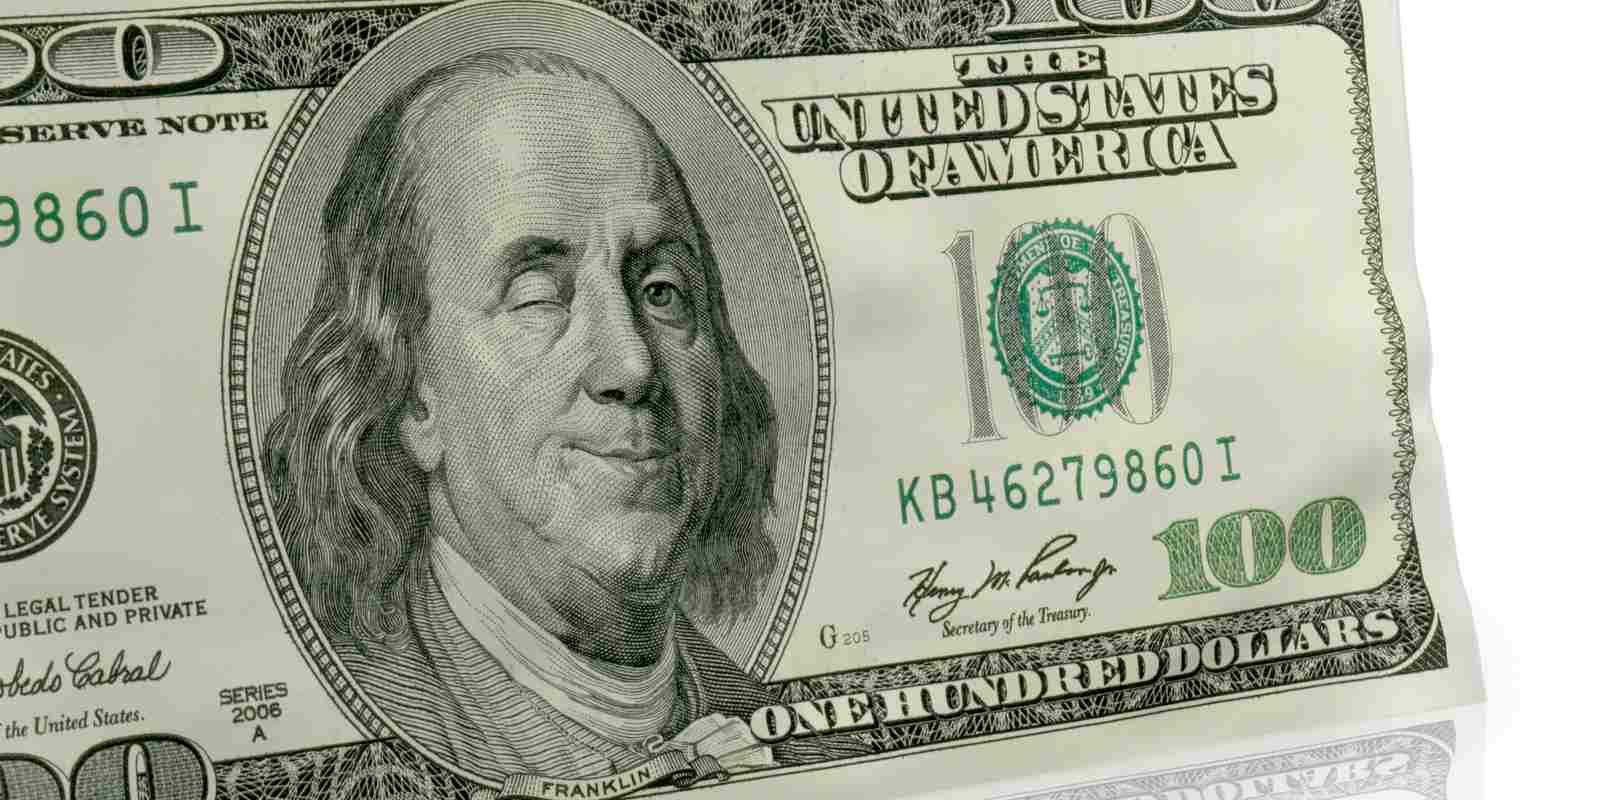 La Réserve fédérale américaine admet que les stablecoins comme Libra peuvent avoir un intérêt